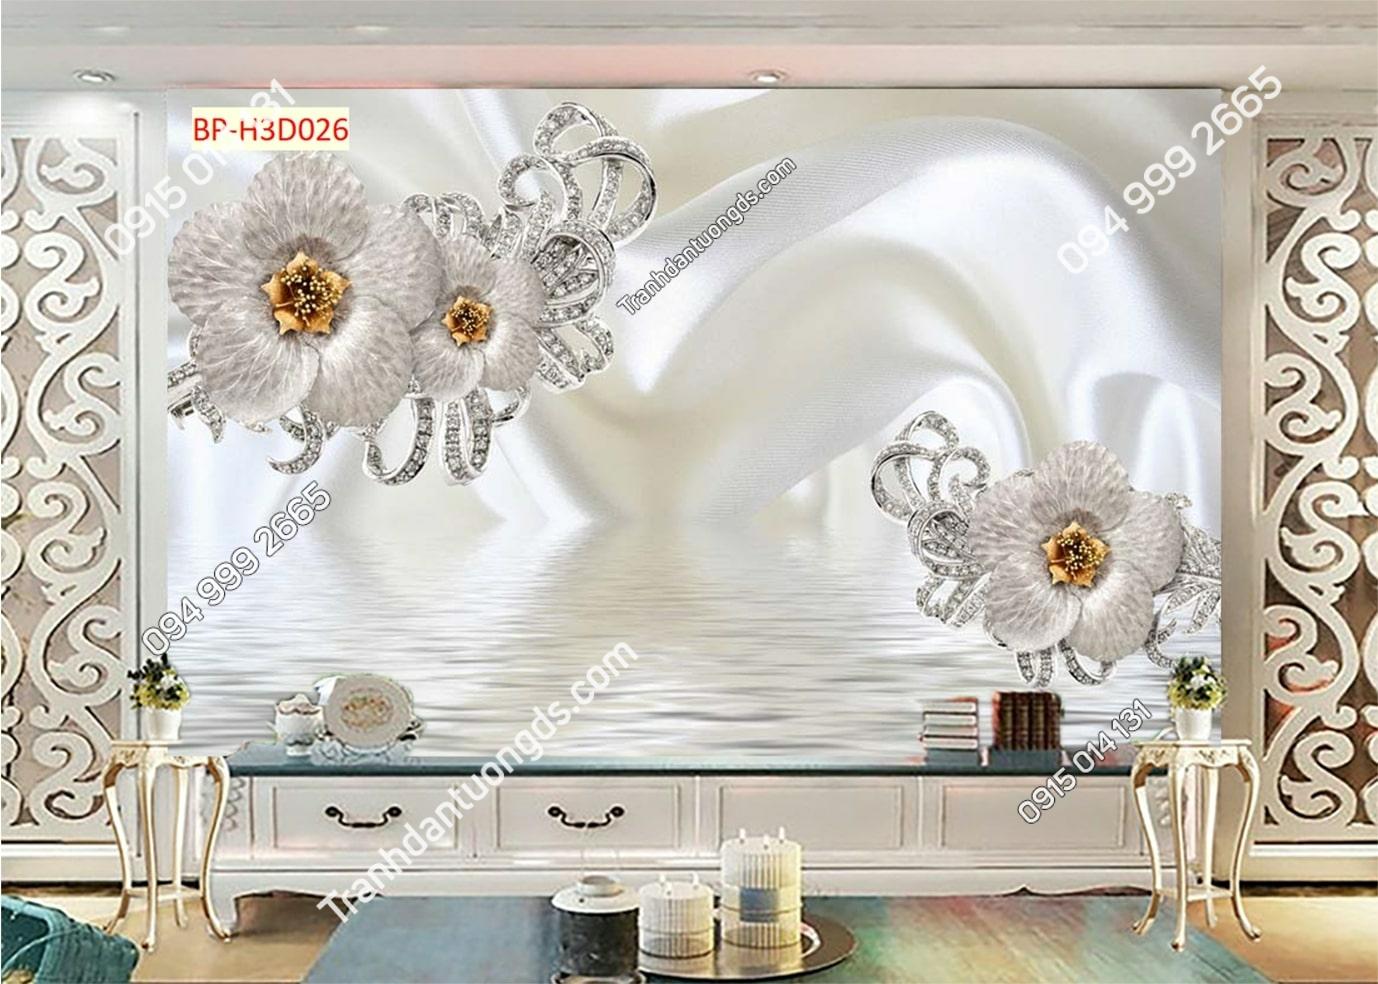 Tranh dán tường hoa 3D trắng giả ngọc H3D026